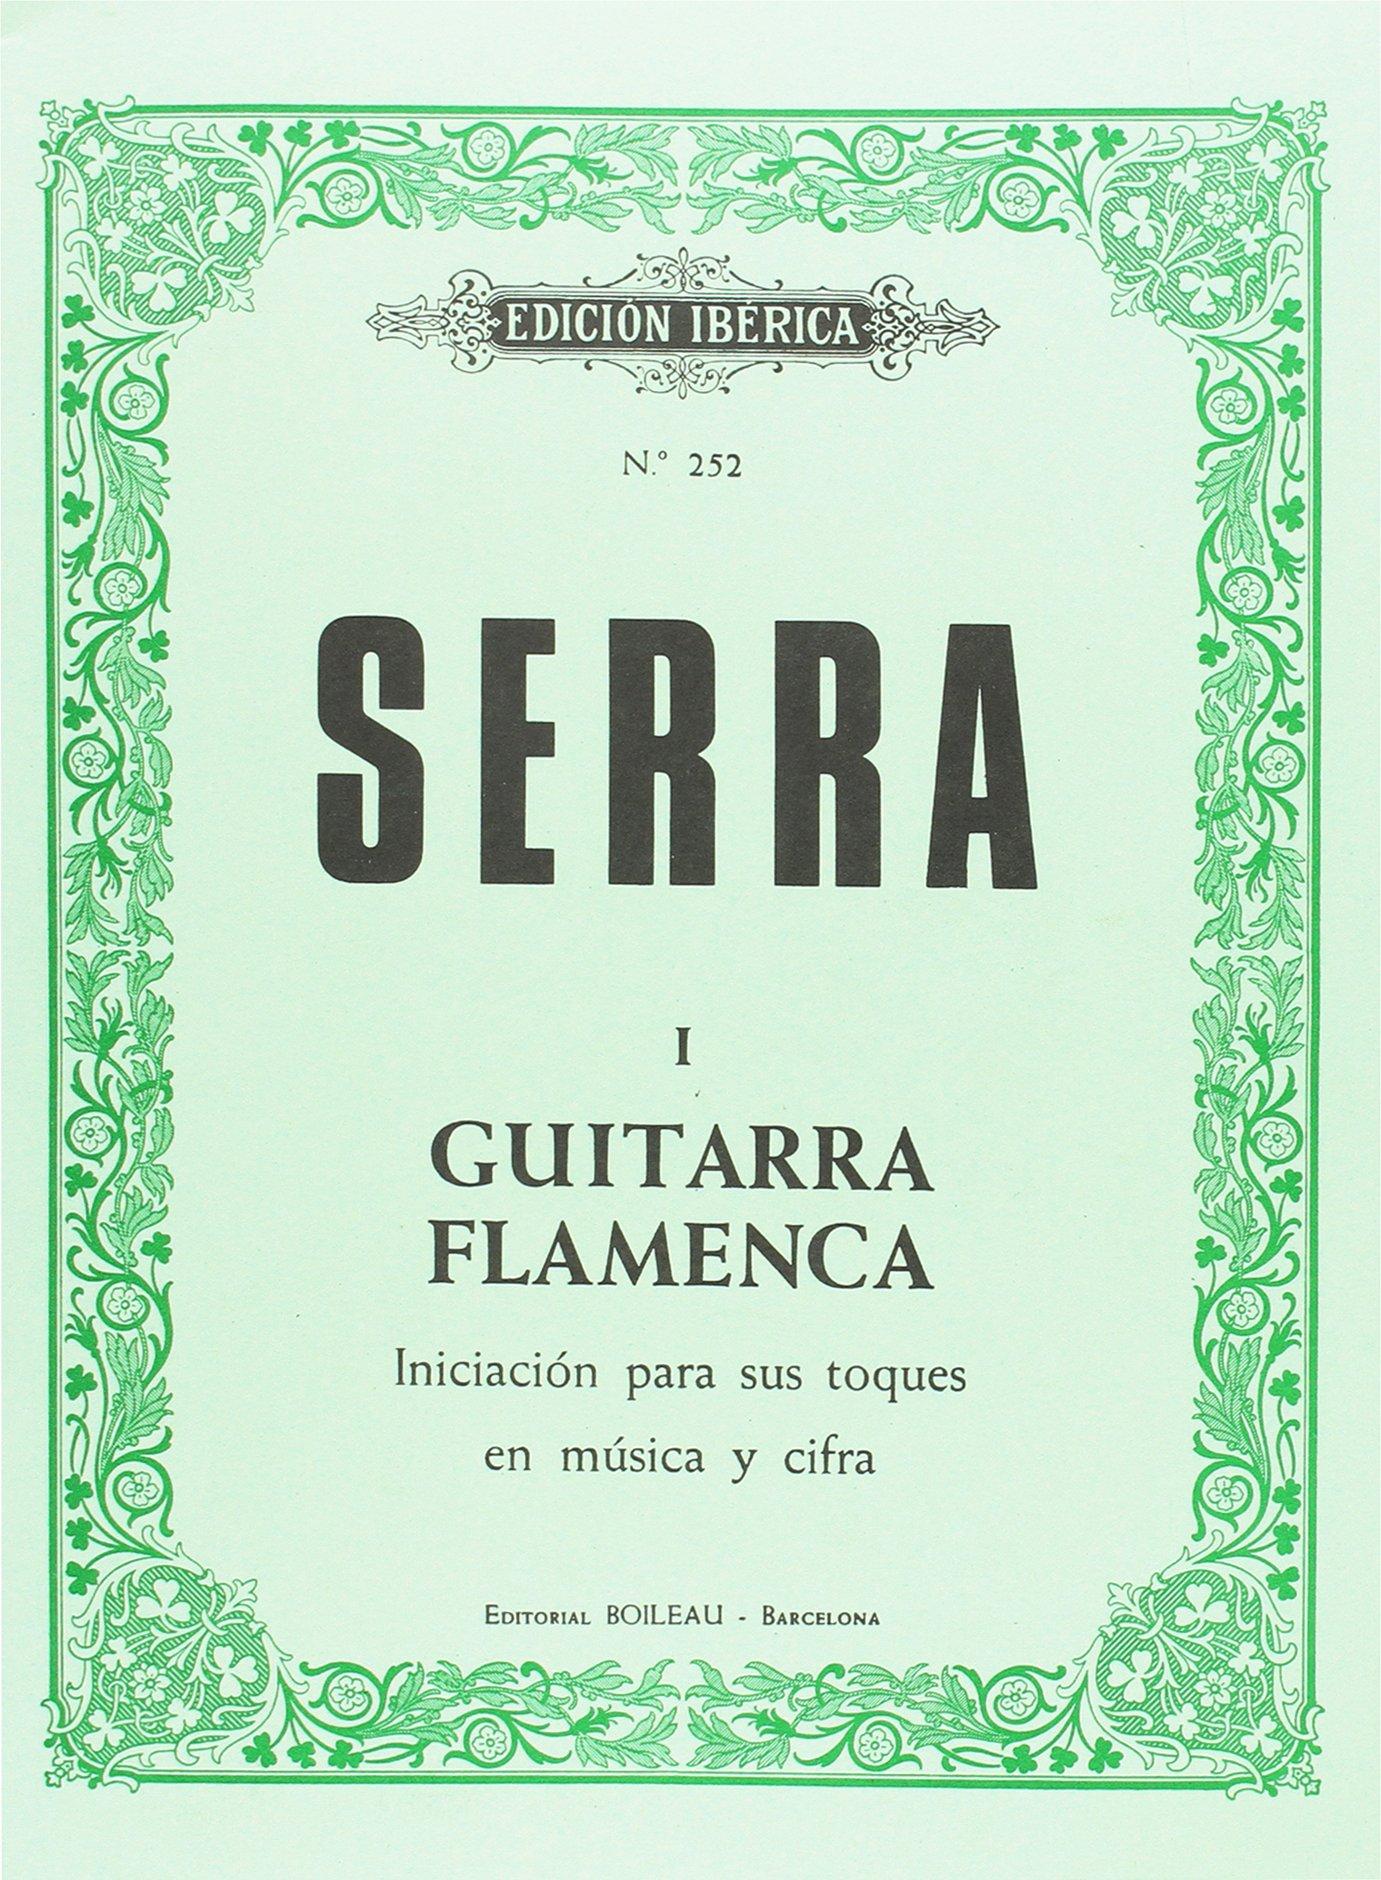 Método Guitarra Flamenca: Amazon.es: Serra, Antonio Francisco: Libros